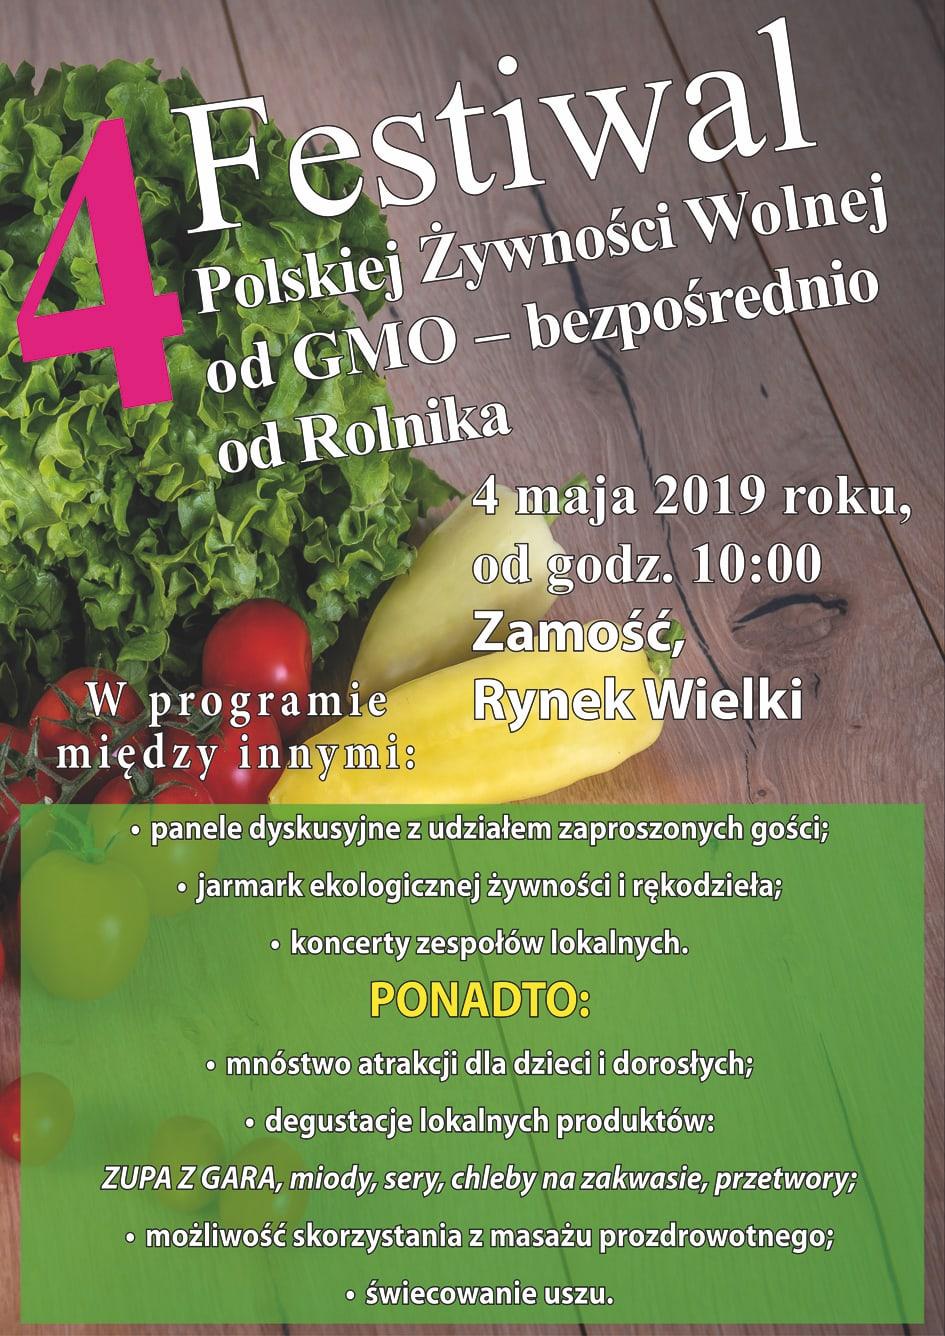 festiwal 4 maja wersja lzejsza Zamość: Przed nami IV edycja Festiwalu Żywności Wolnej od GMO. Bezpośrednio od Rolnika